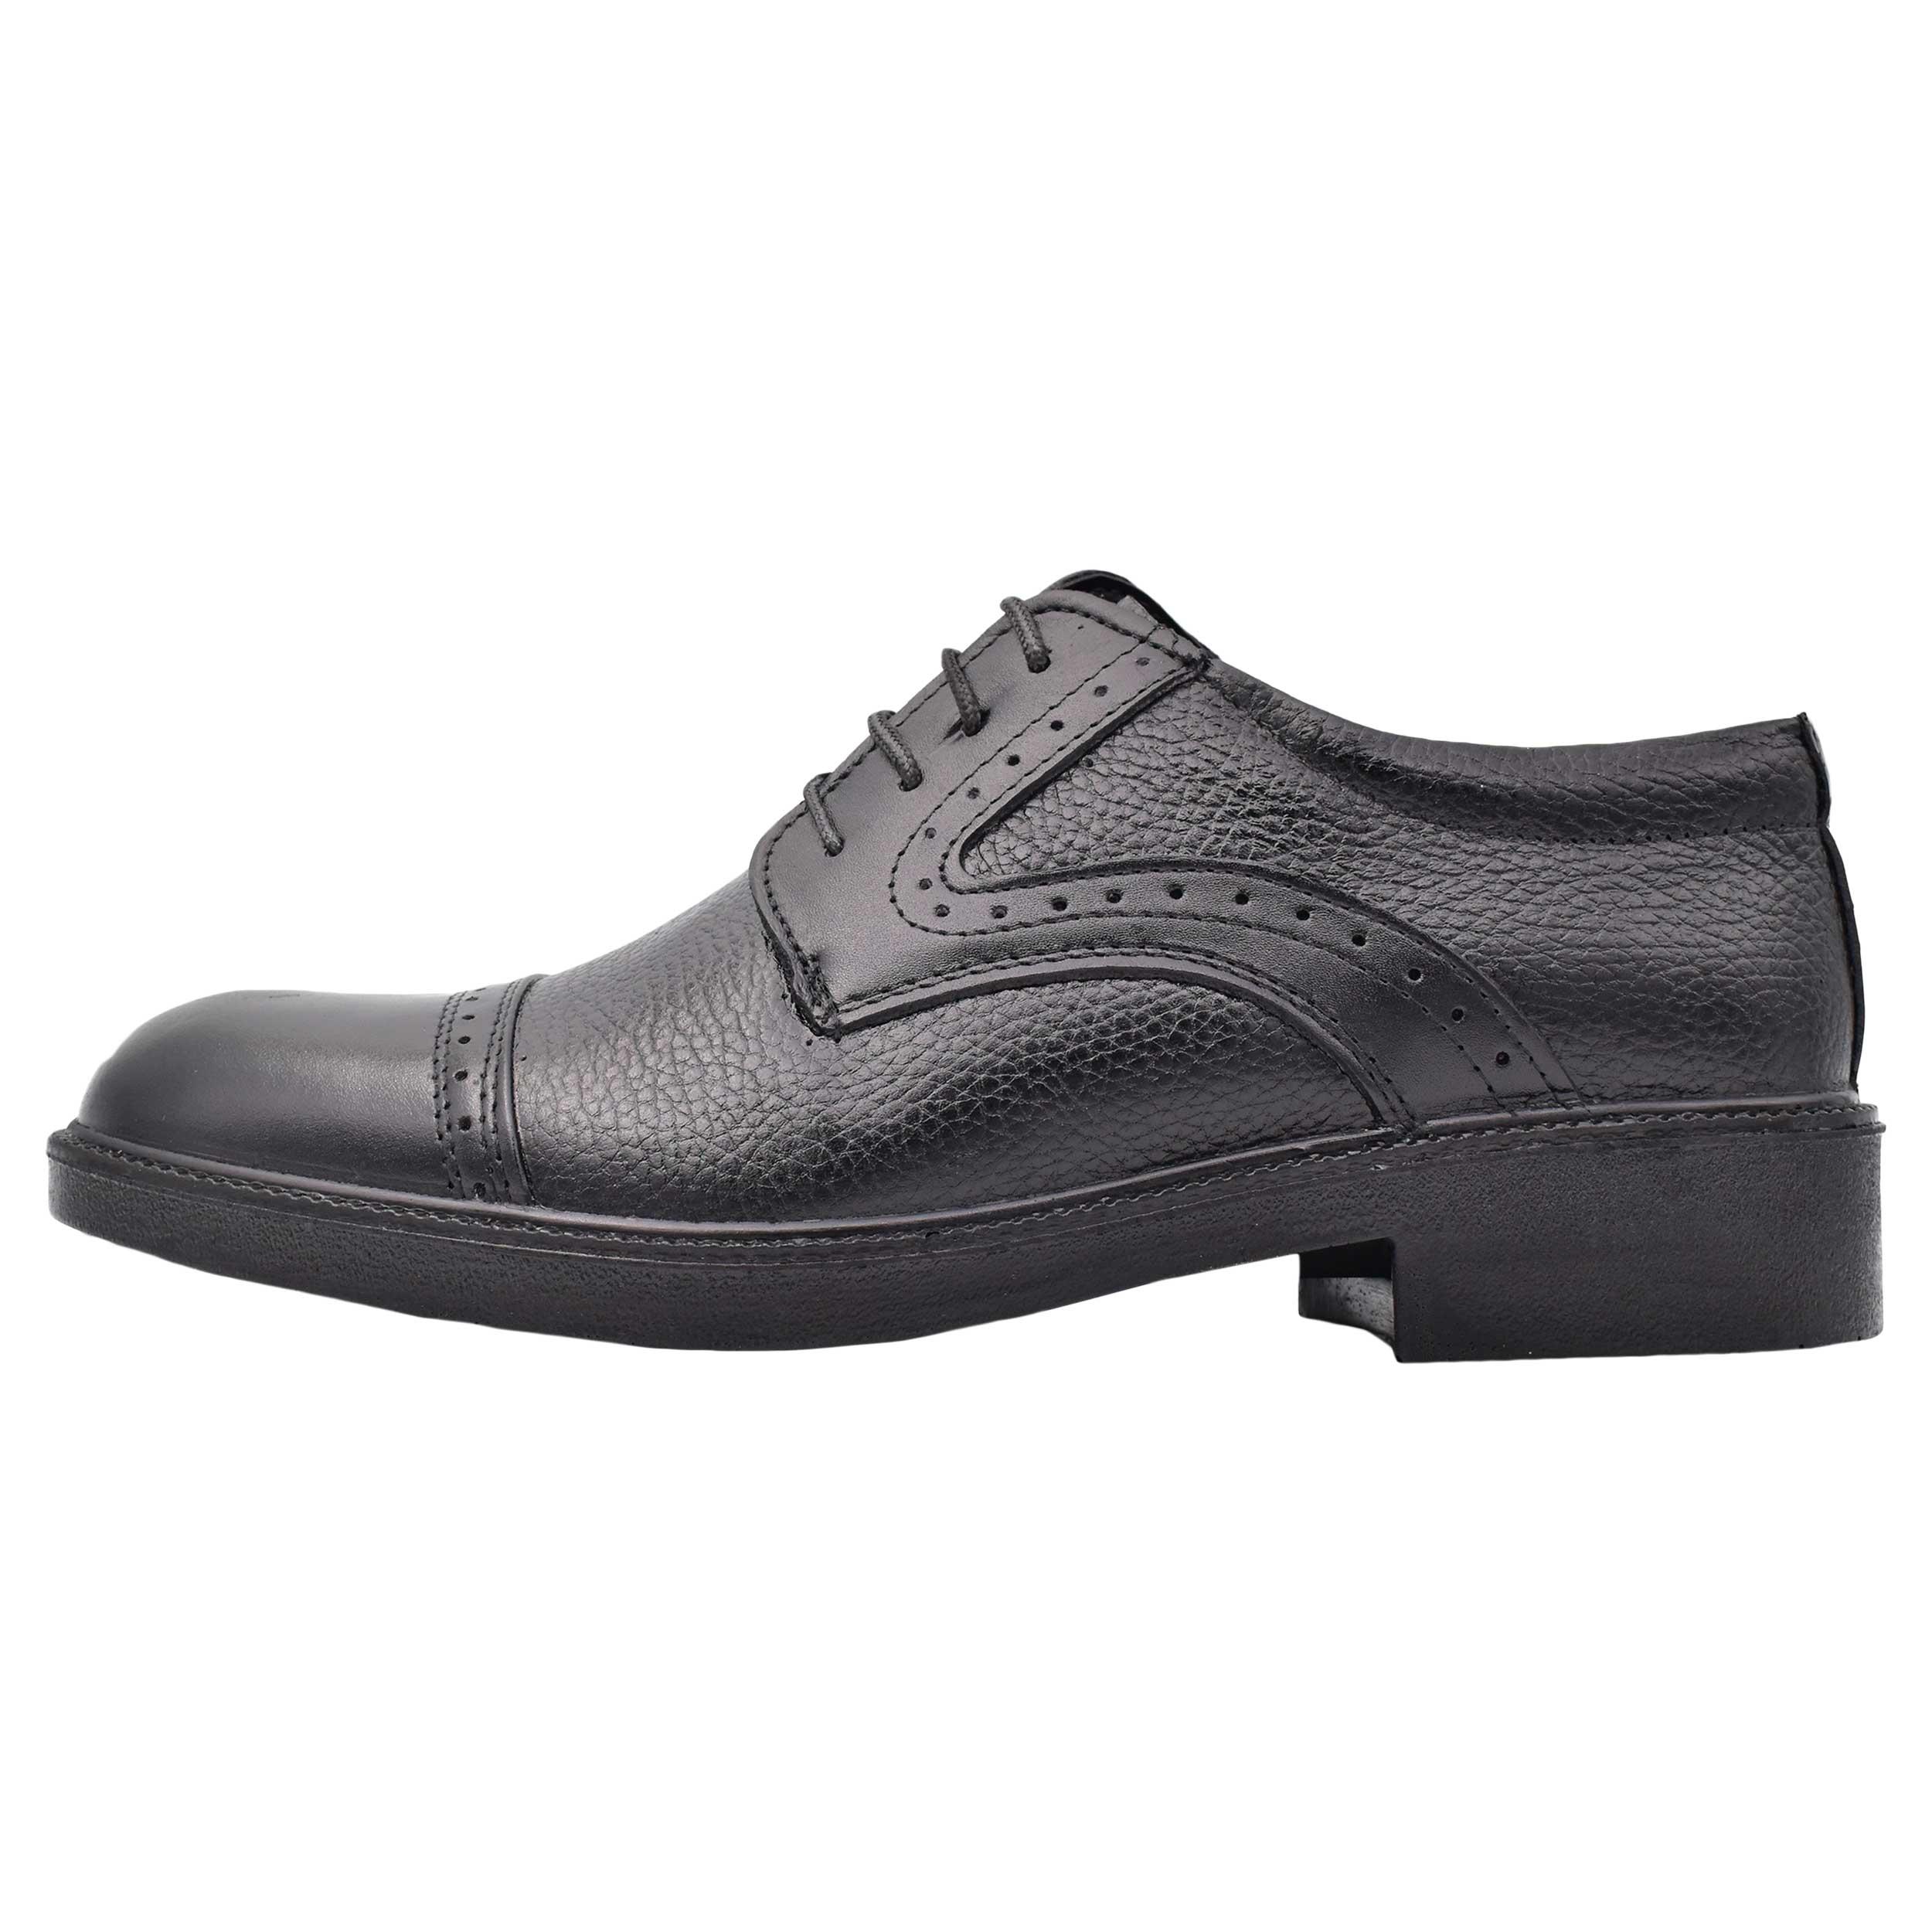 کفش مردانه مدل درخشان کد 7615